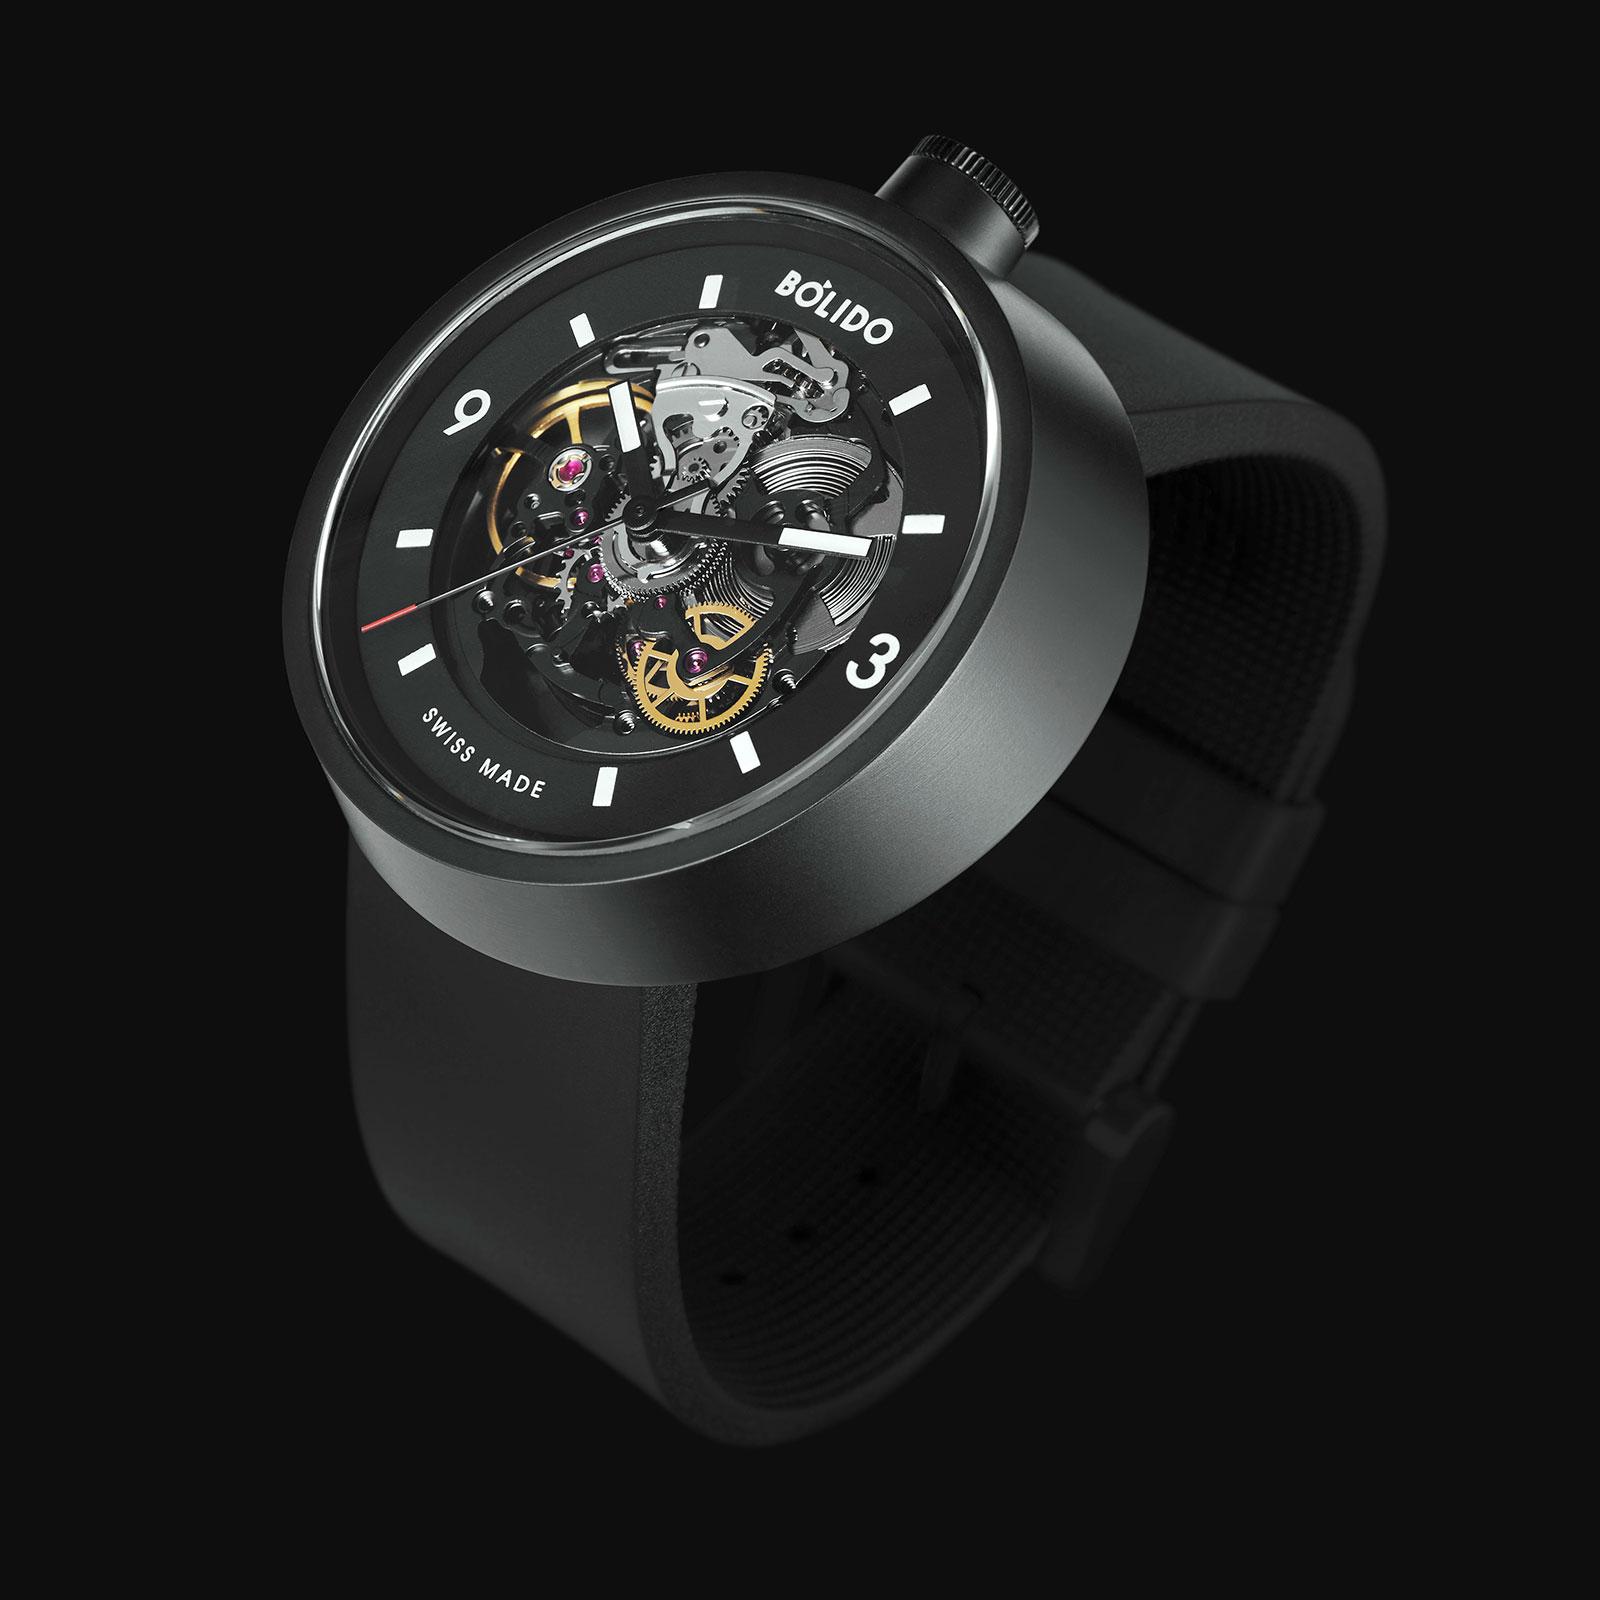 Bolido Core watch